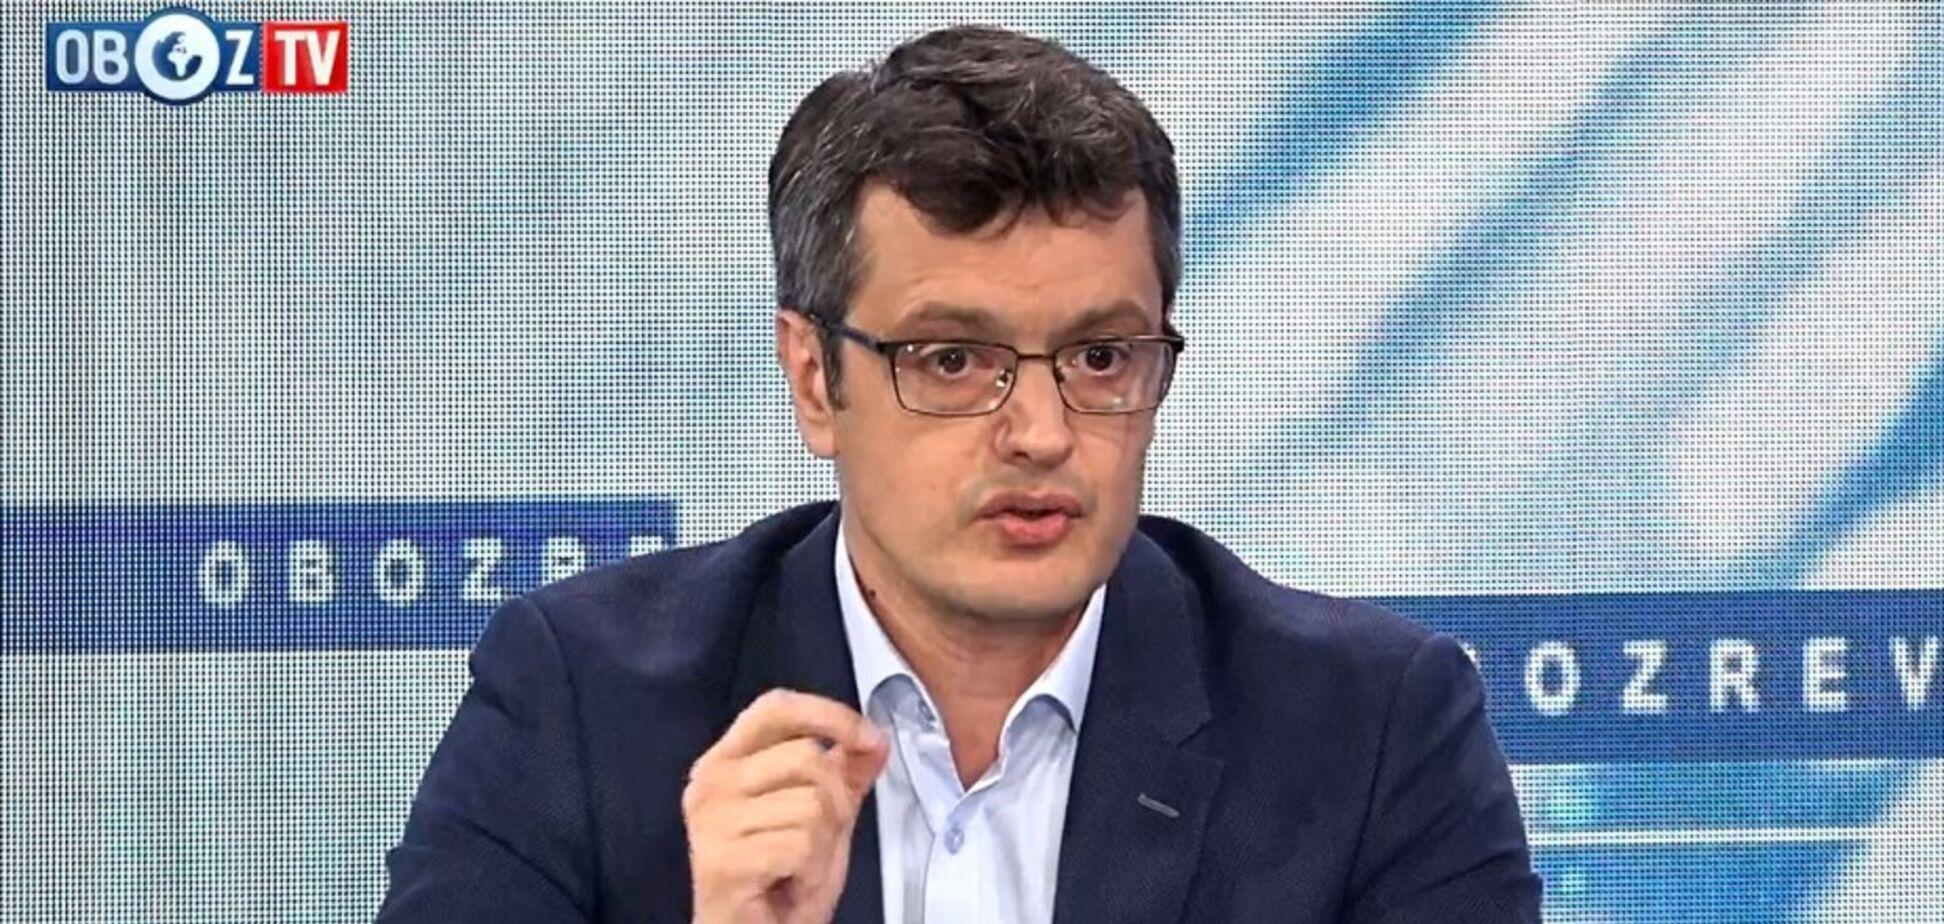 'Програма з МВФ не остання': Україні передбачили нову кризу